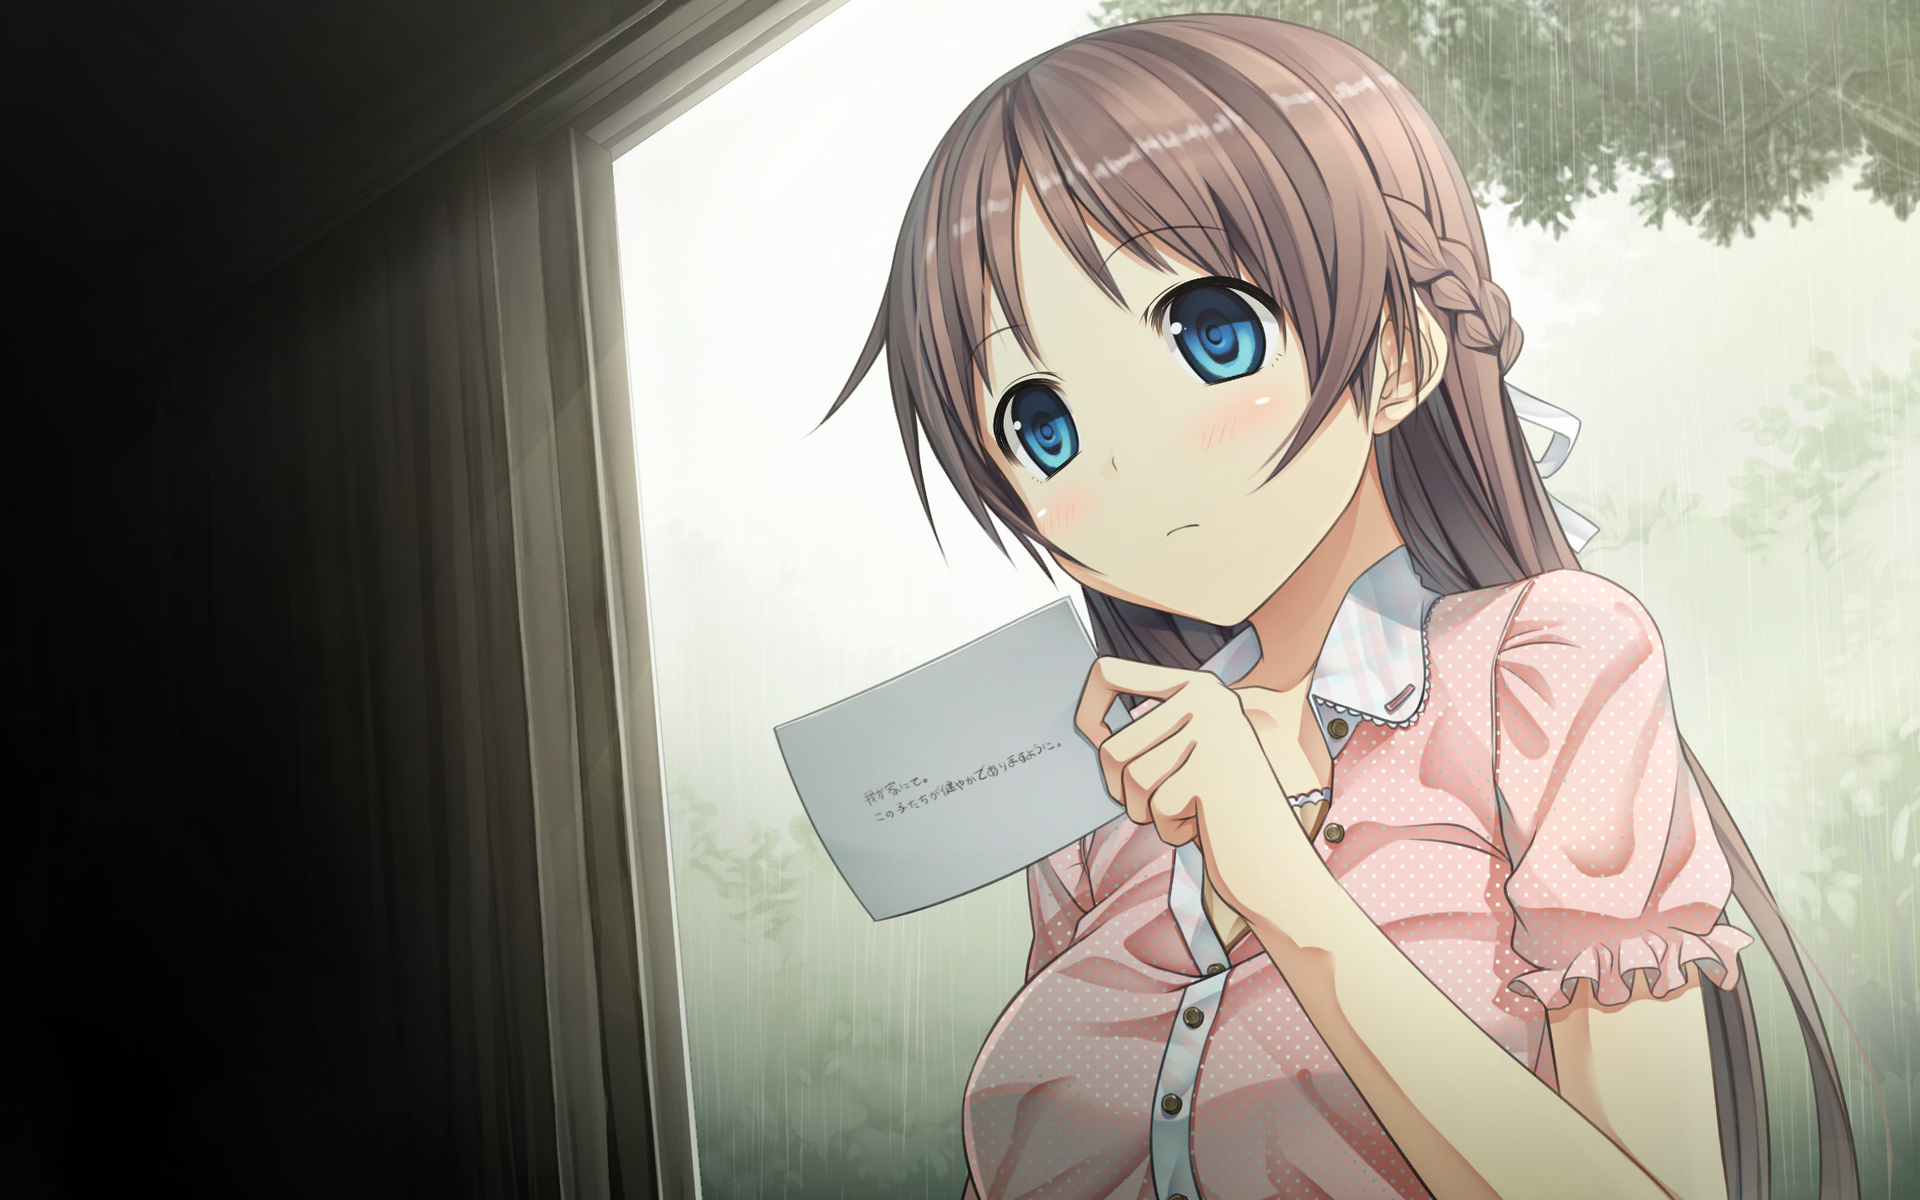 動漫美少女電腦壁紙